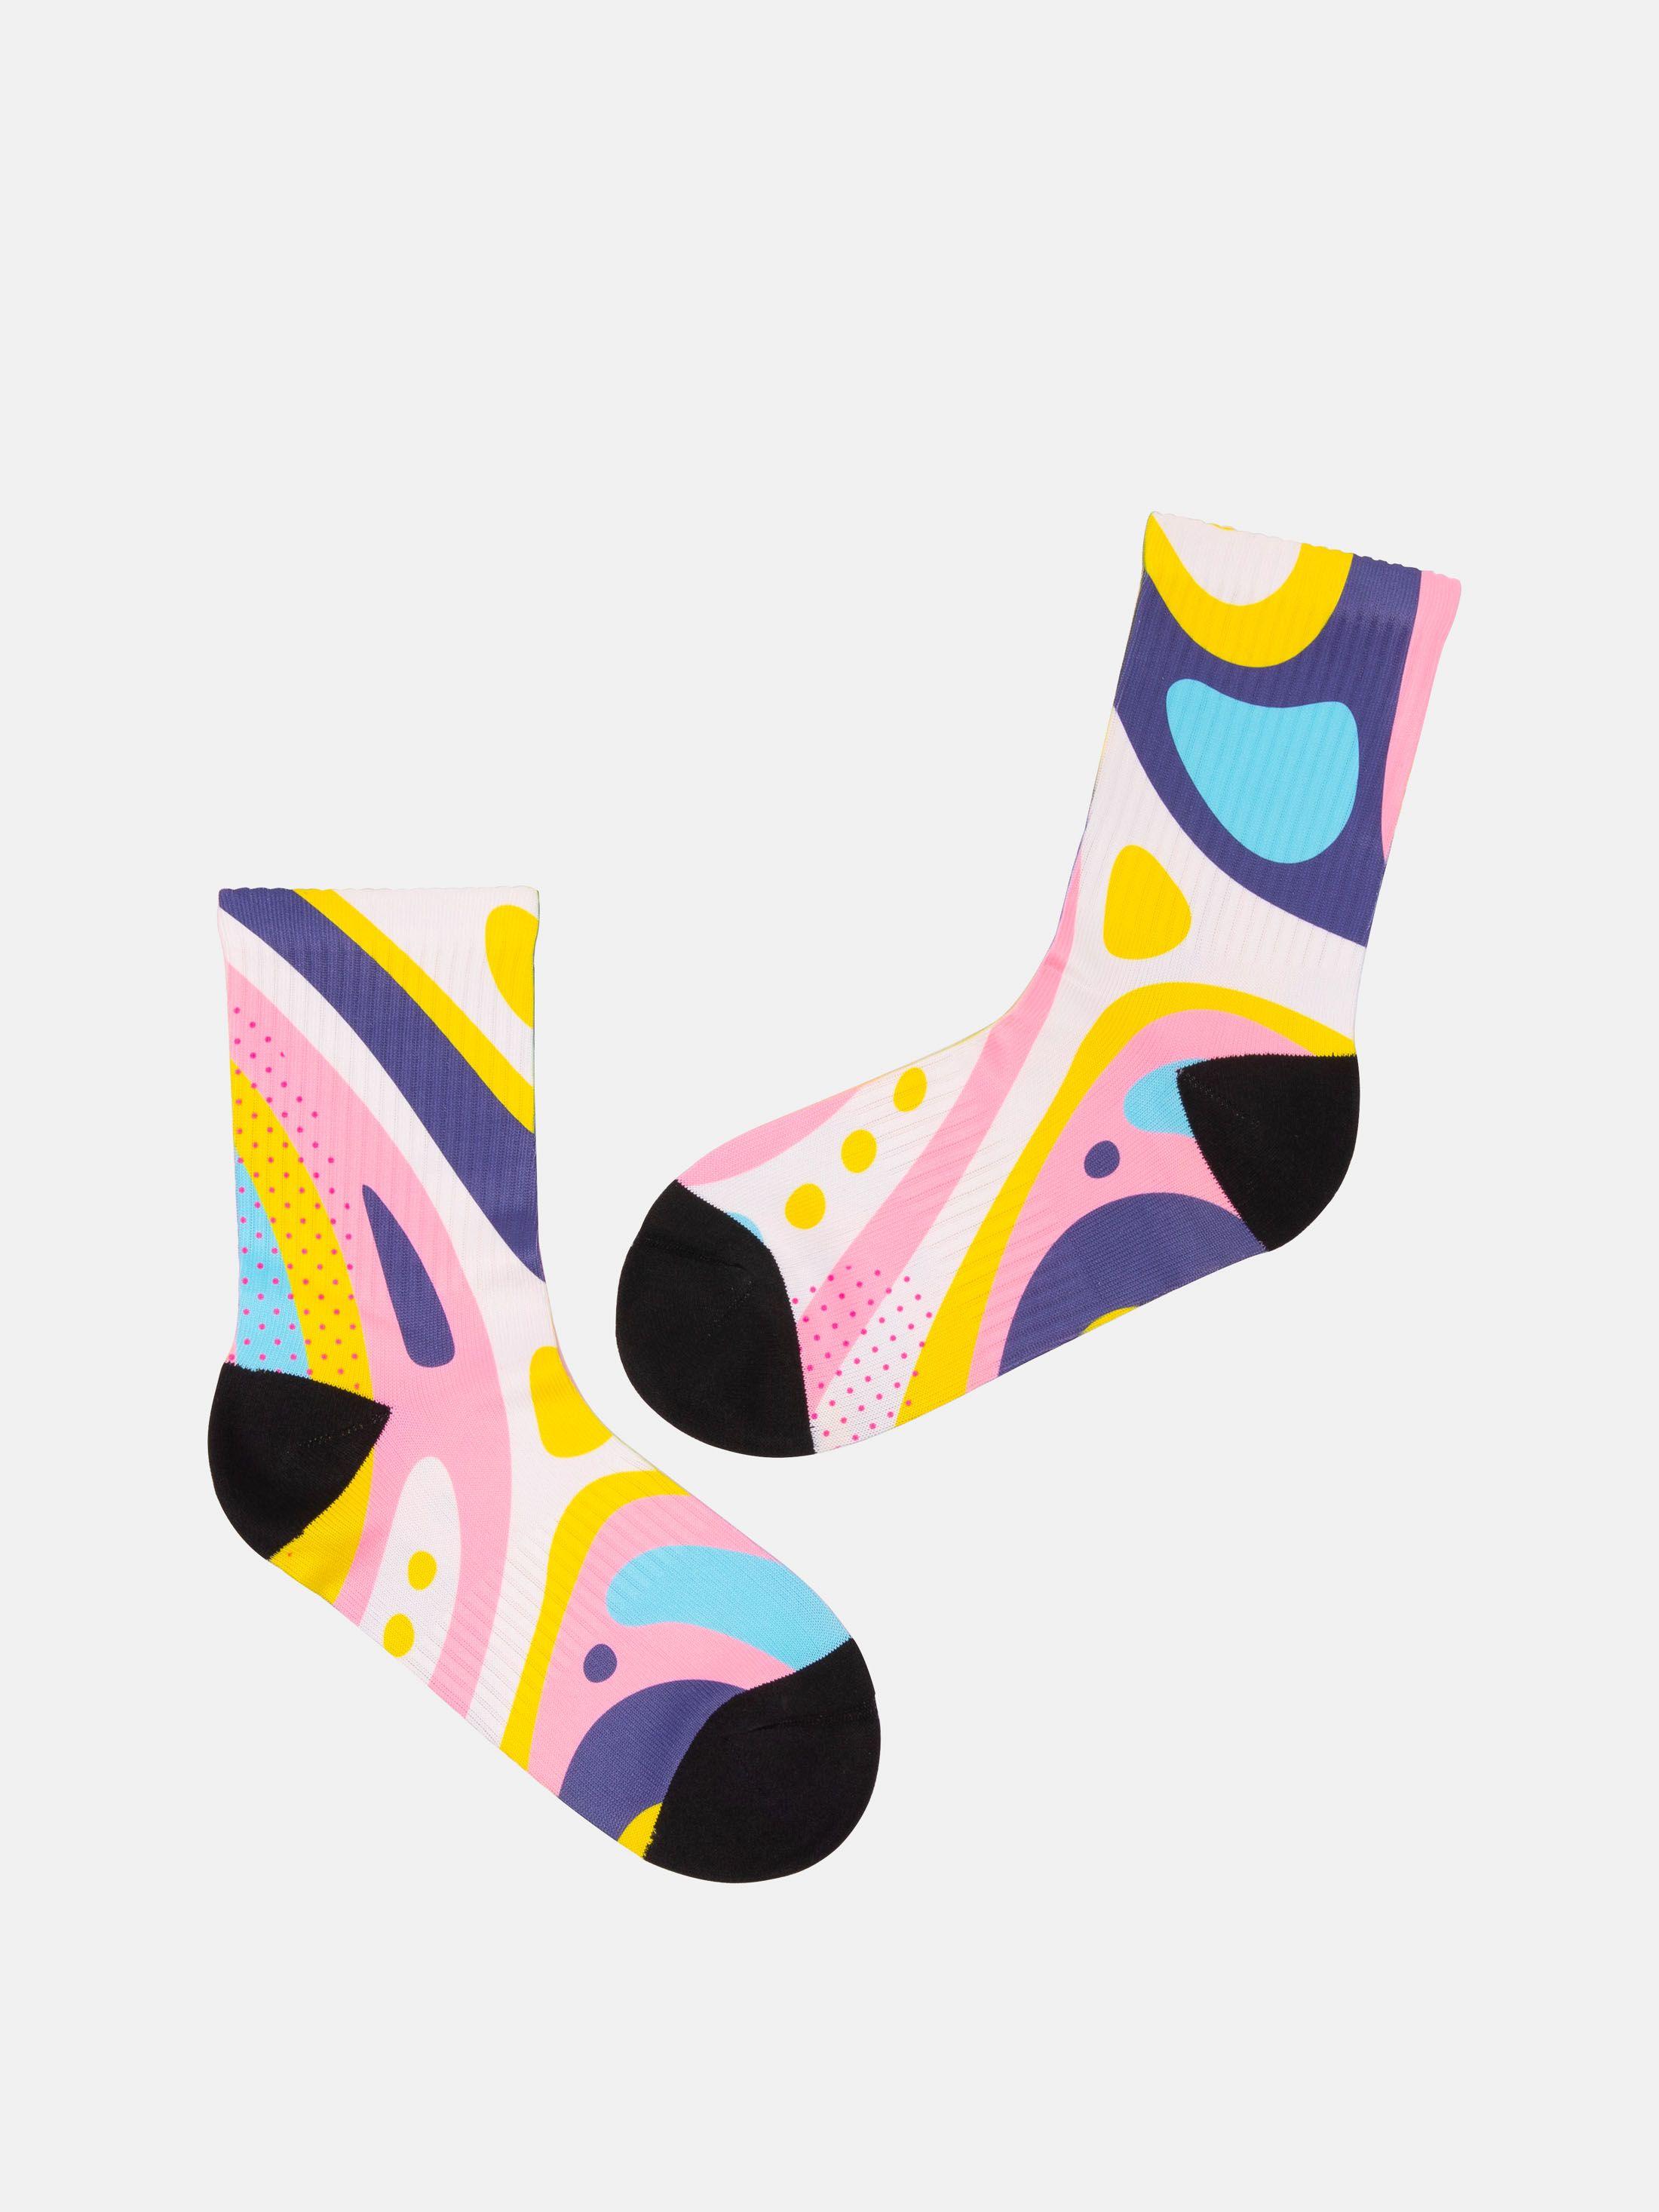 印刷 靴下